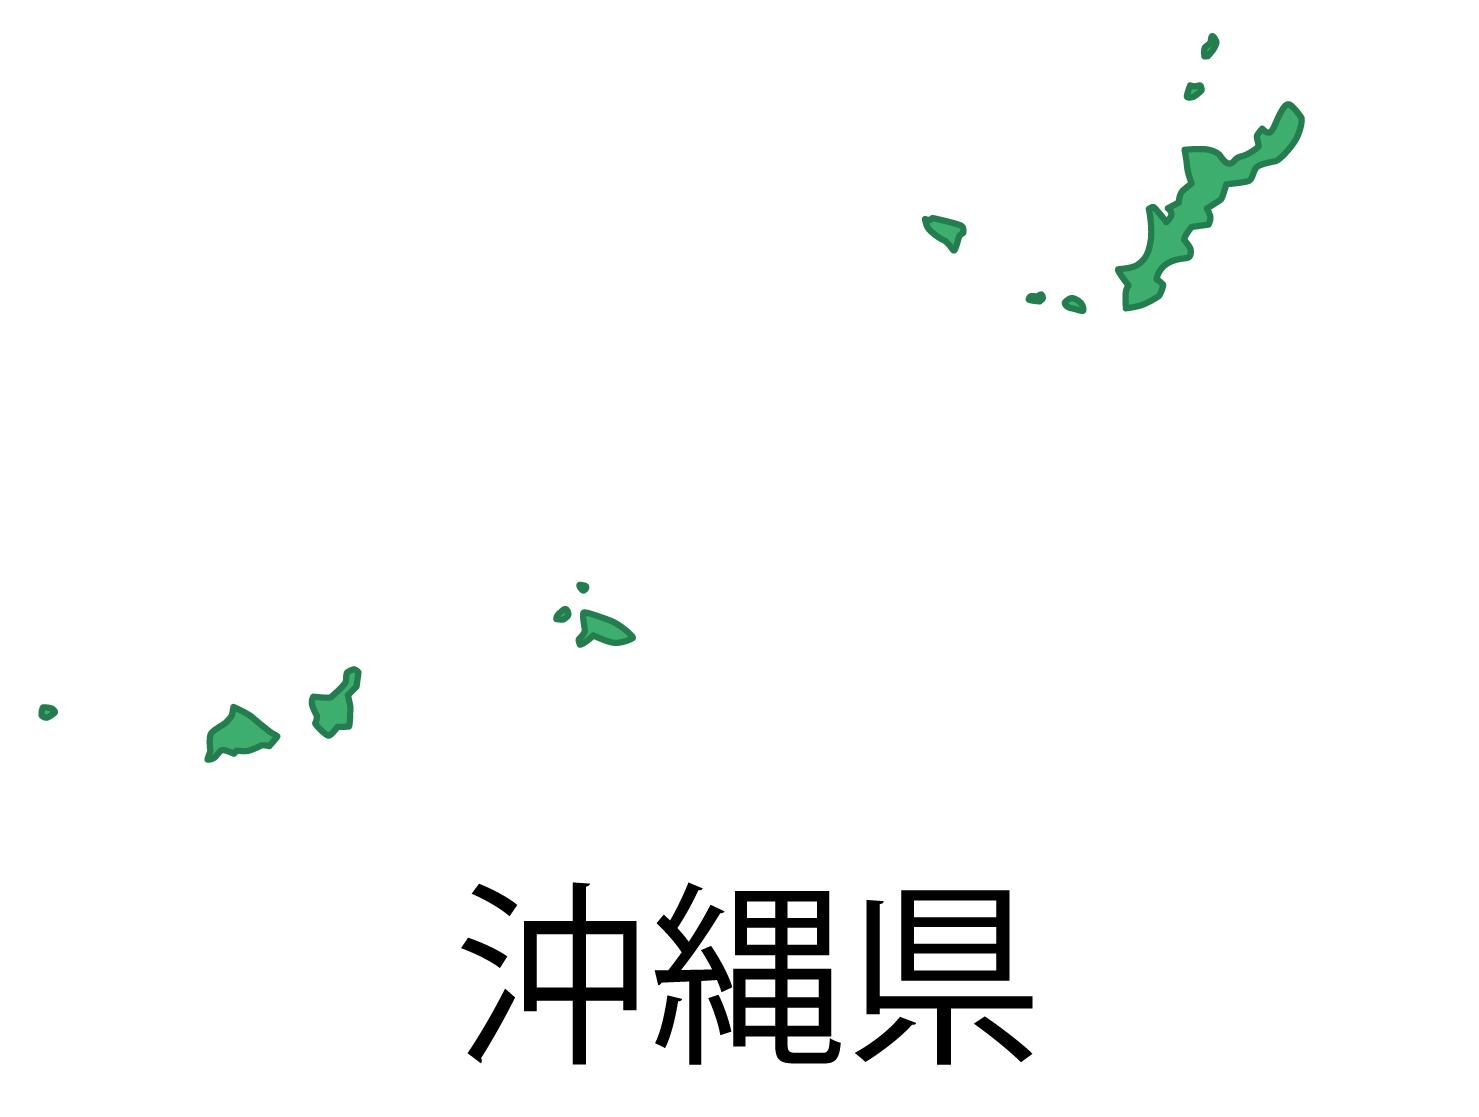 沖縄県無料フリーイラスト|日本語・都道府県名あり(緑)